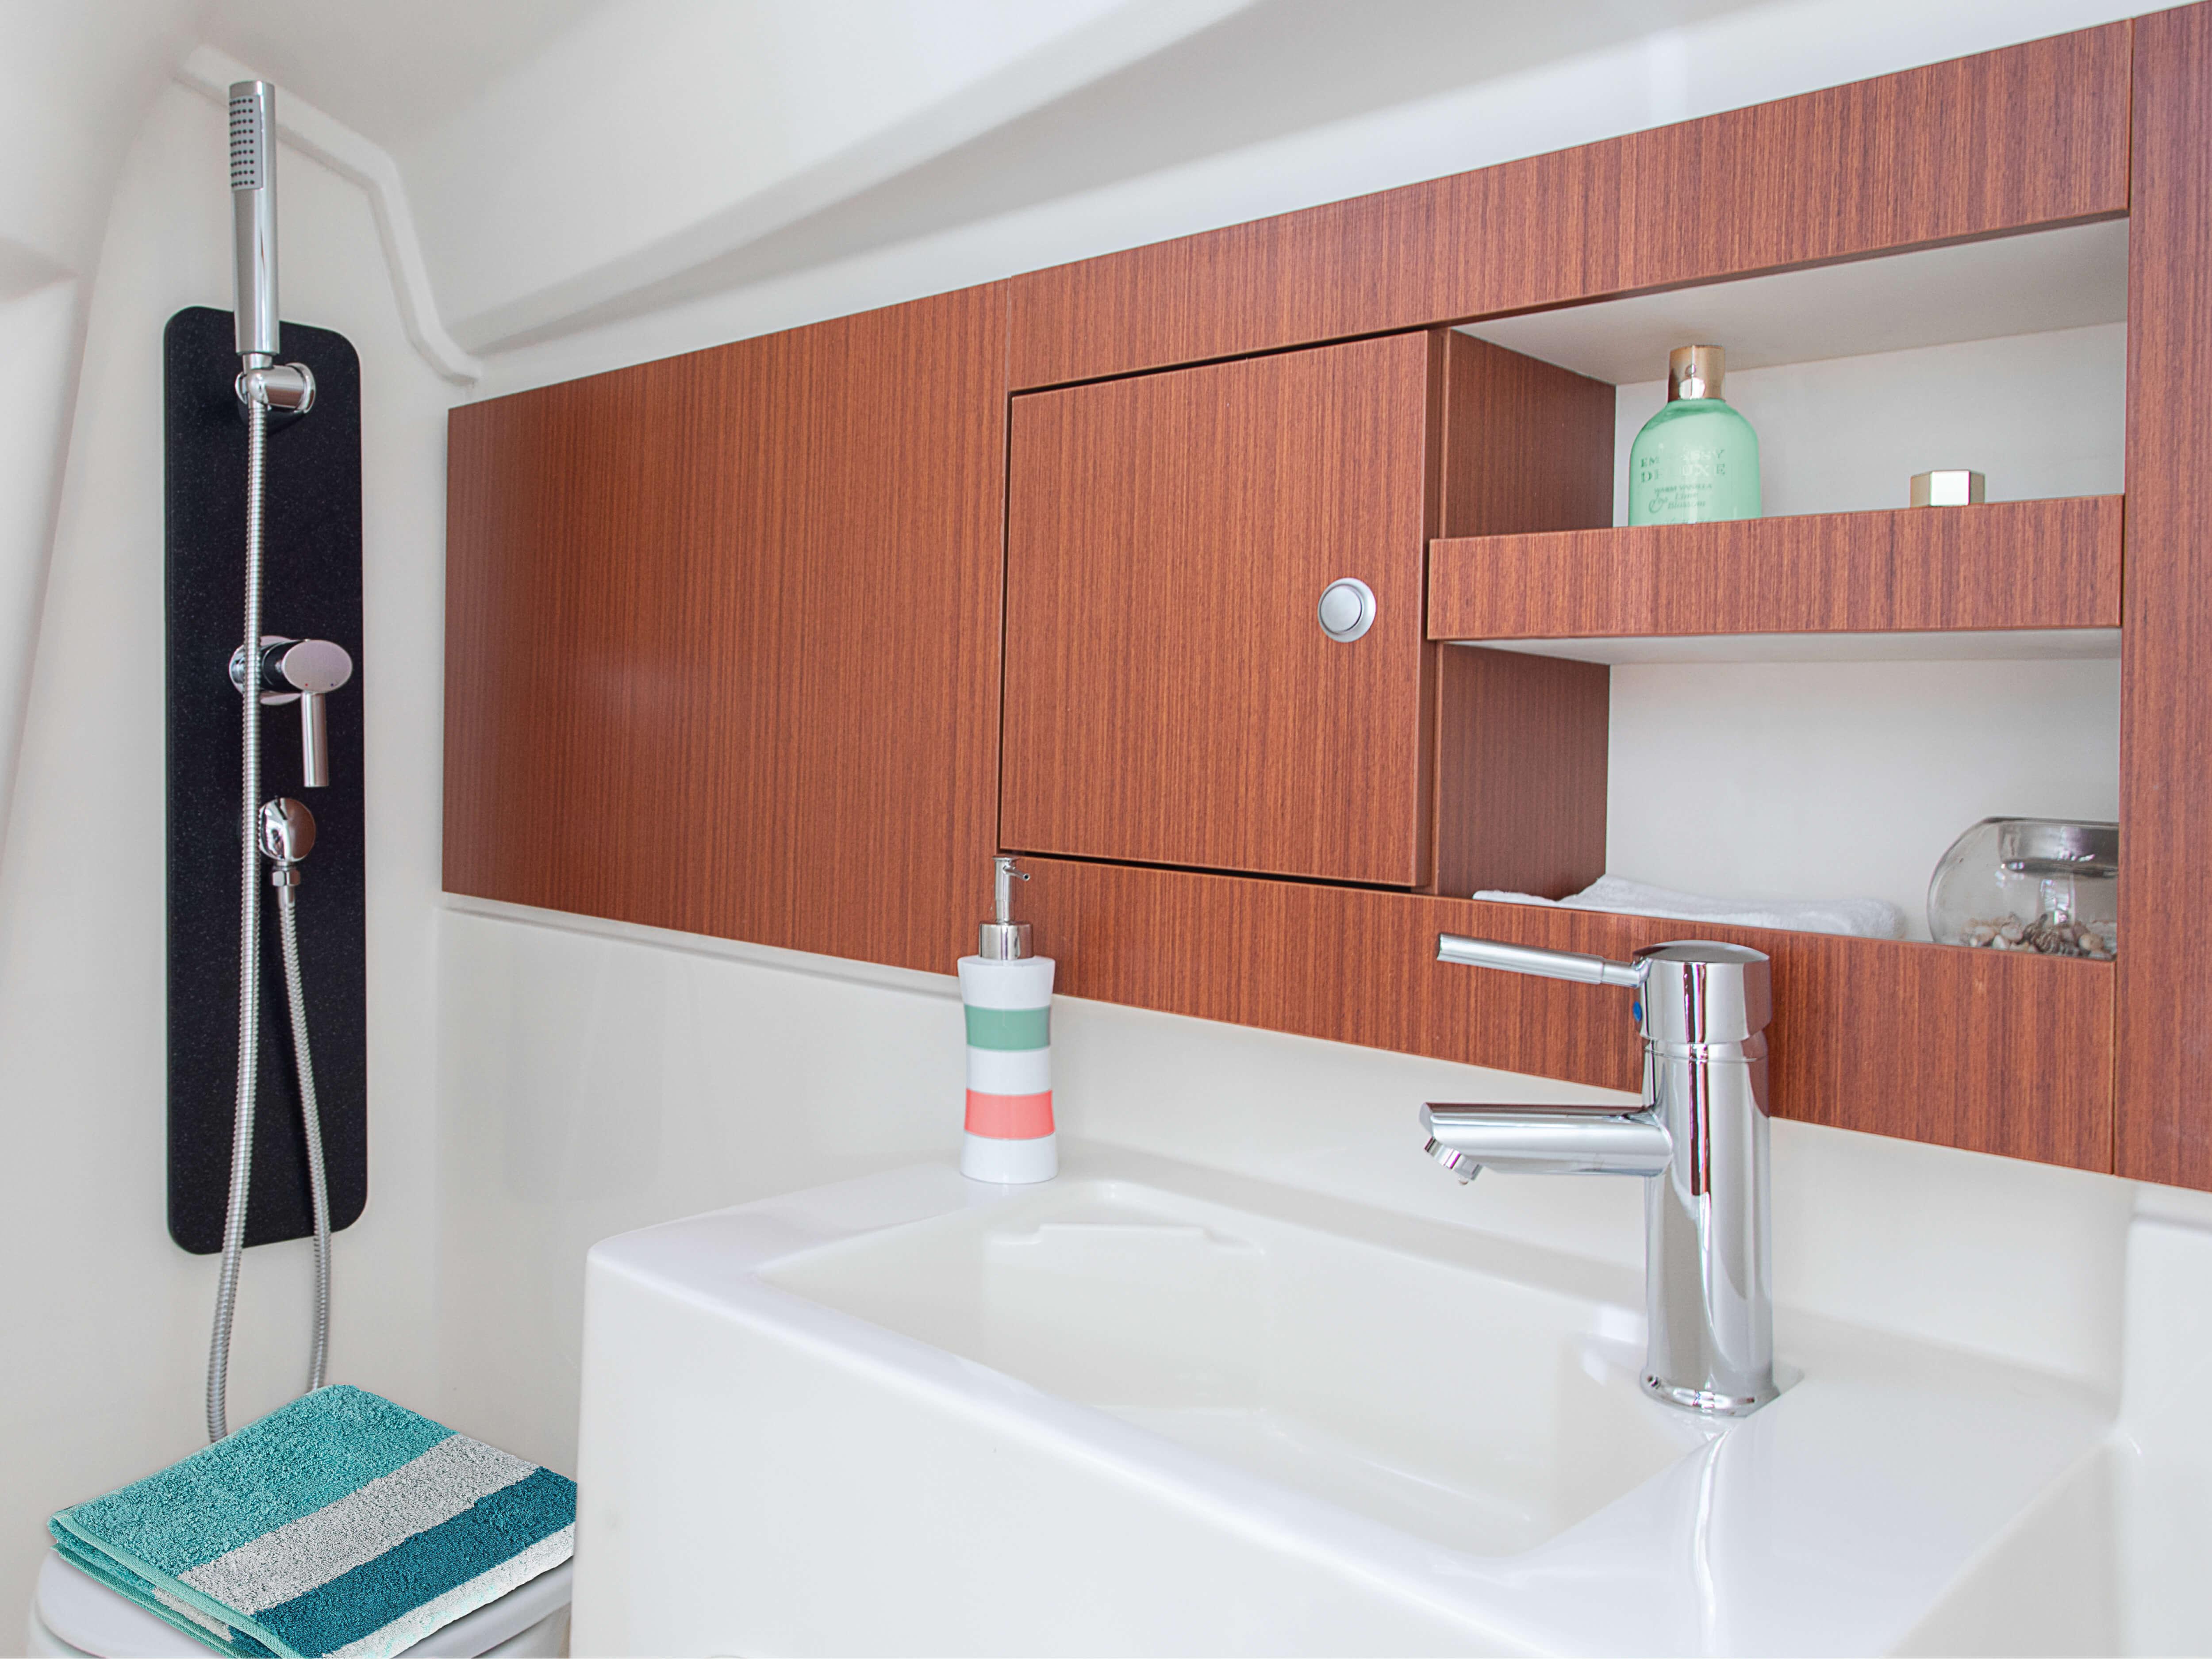 Hanse 315 Islak Hacim | Çeşitli yerleşim seçenekleri ve kaliteli kumaşlar, zarif ahşaplar, moda renkler, seçkin zemin malzemeleri ve şık mobilyaların dahil olduğu geniş kombinasyon seçenekleri sayesinde HANSE'nizi kendinize özel, benzersiz bir yata dönüştürebilirsiniz. | Hanse